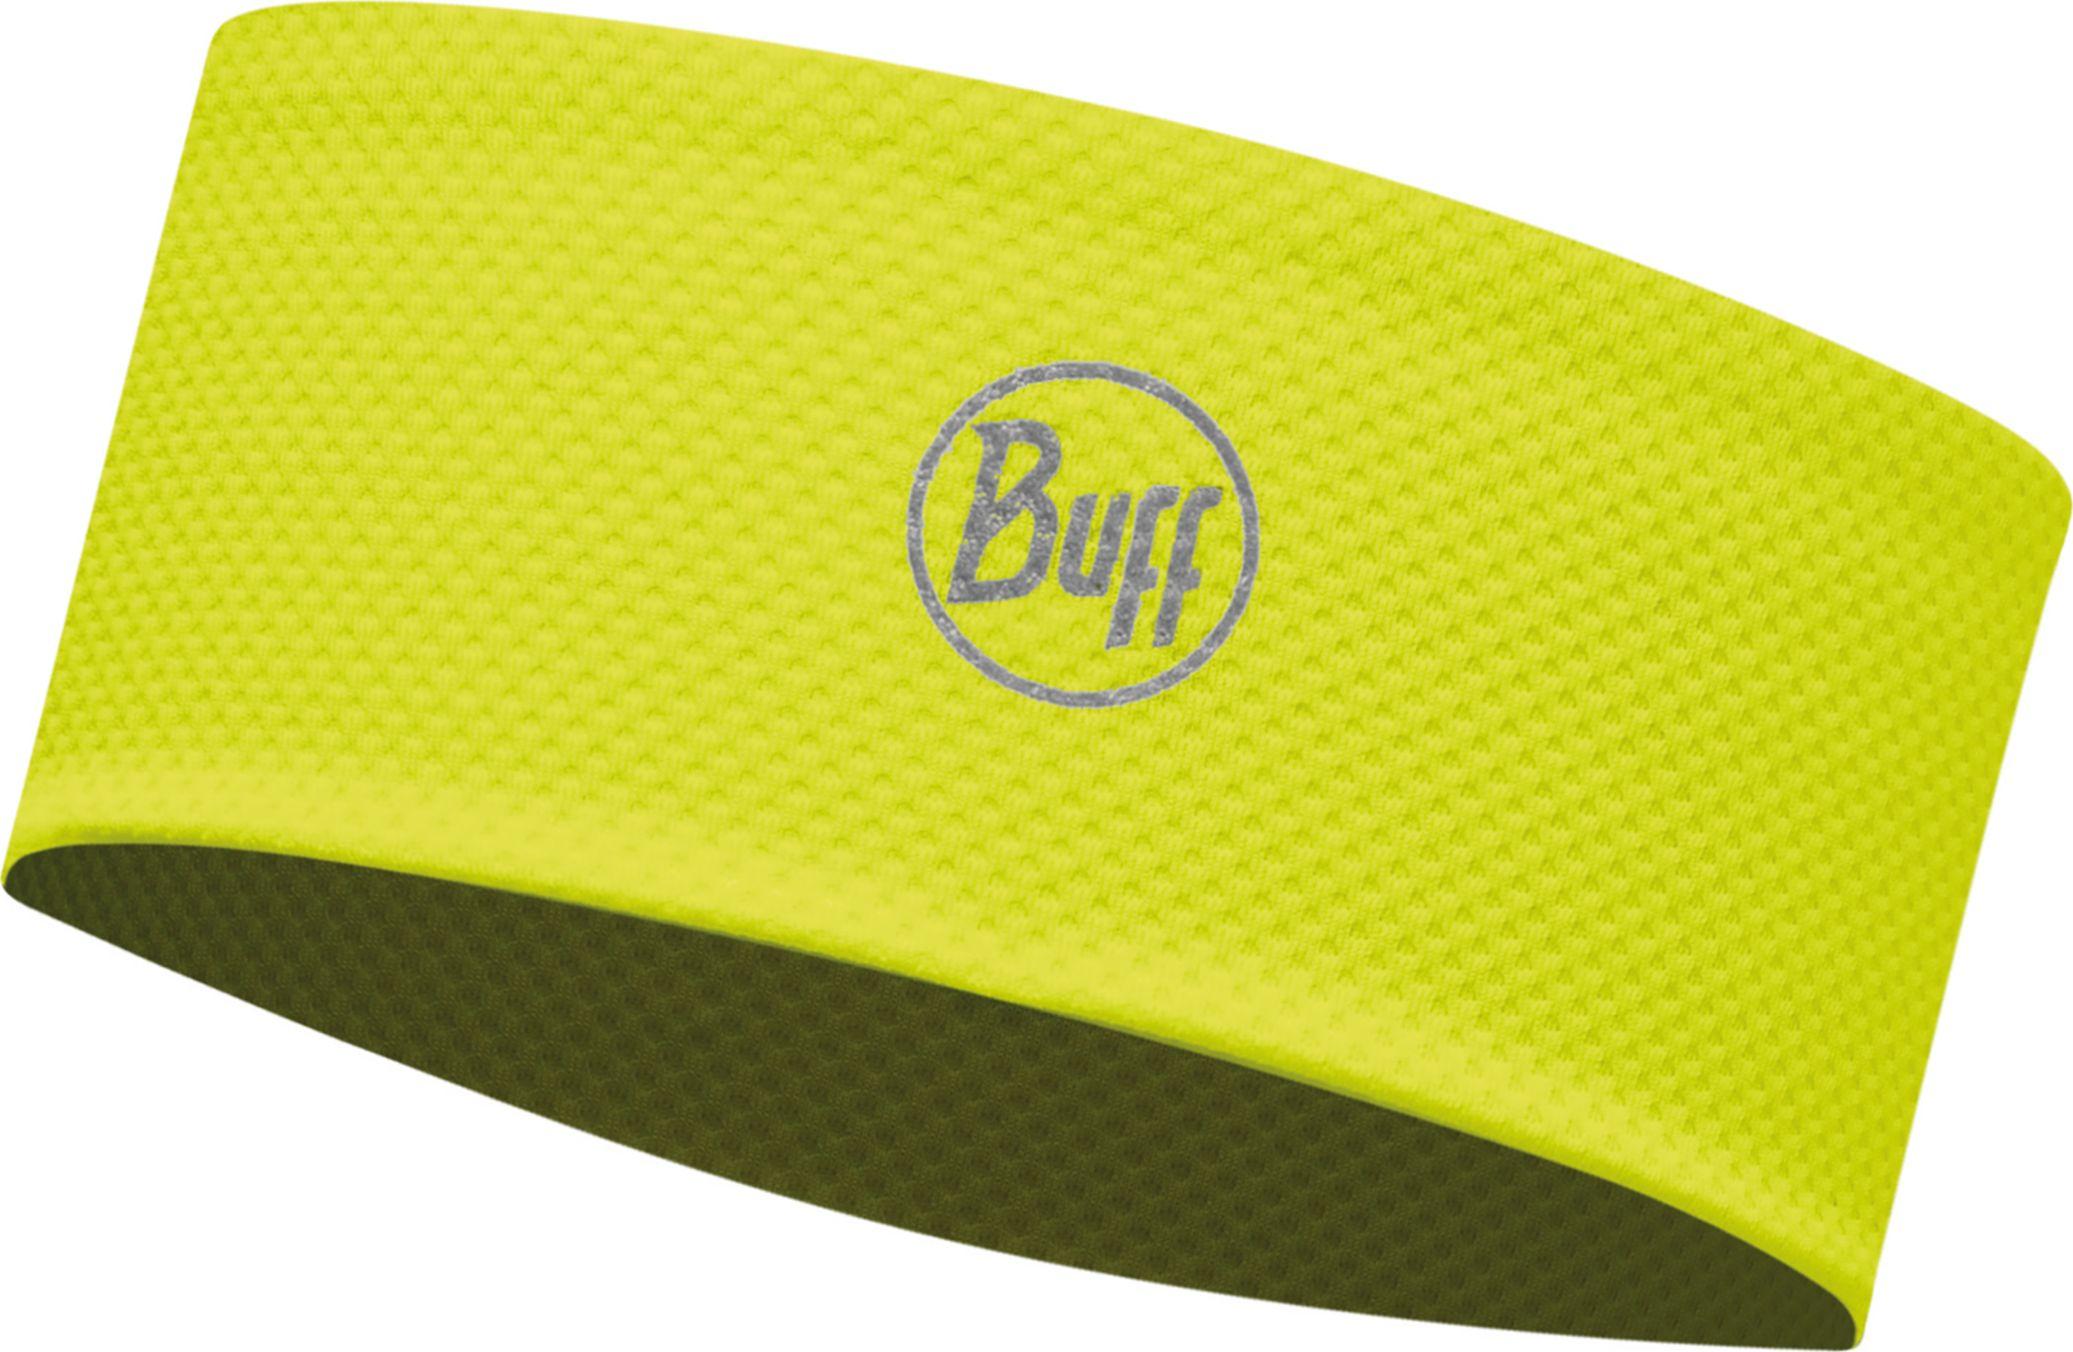 Повязка Buff Fastwick Headband R-Solid Yellow Fluor, цвет: желтый. 113660.117.10.00113660.117.10.00Спортивная повязка на голову Headband Buff это нехитрое приспособление, которое предотвратит попадание пота и волос на лицо и в глаза. Такие летние повязки на голову используют во время бега, игры в теннис или при любой другой аэробной нагрузке. Особенности: - Материал Fastwick Extra Plus формирует систему, которая выводит влагу наружу от кожи к внешнему слою ткани, где испаряется и высыхает быстрее, нежели на любом другом материале. - Специальная конструкция обеспечивает комфорт даже при сильной активности. - Светоотражающие элементы позволят быть заметным в темное время суток. - Размеры: 24,9 x 7,7 см - 100% полиэстер